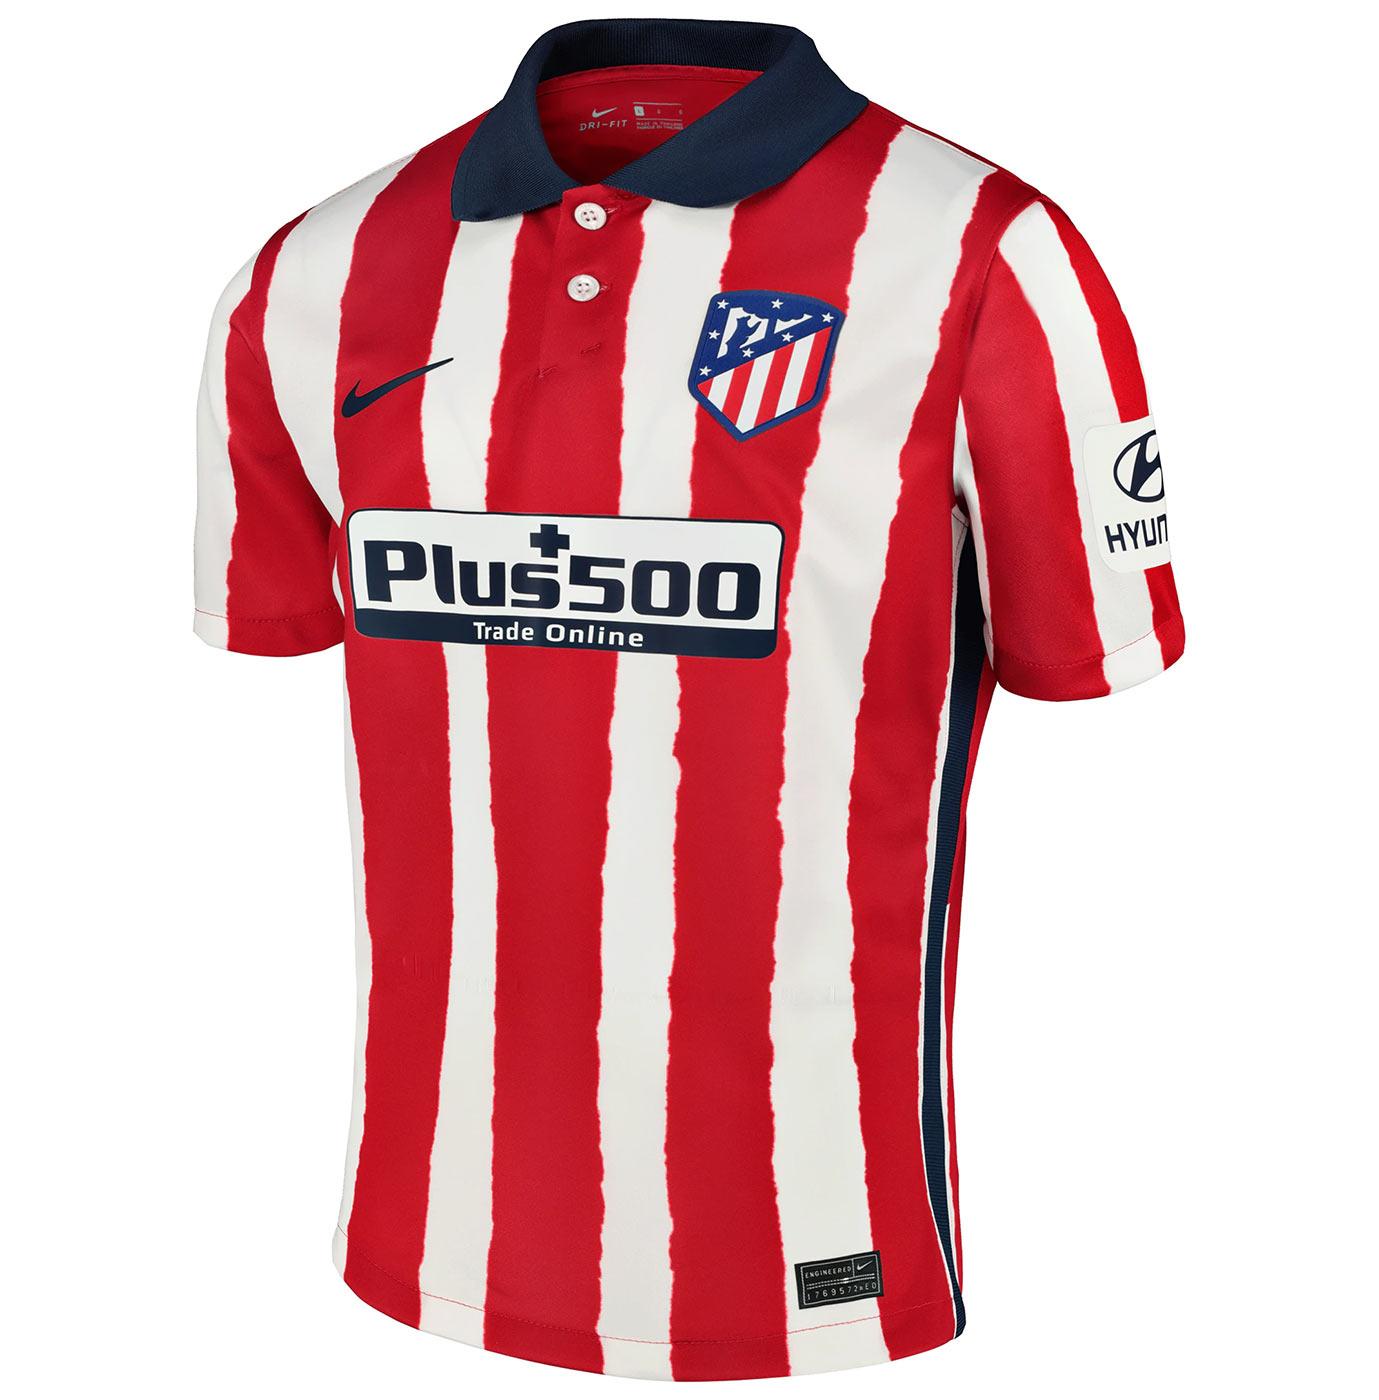 Maglia Atletico Madrid 2020-2021, Nike presenta le strisce distorte